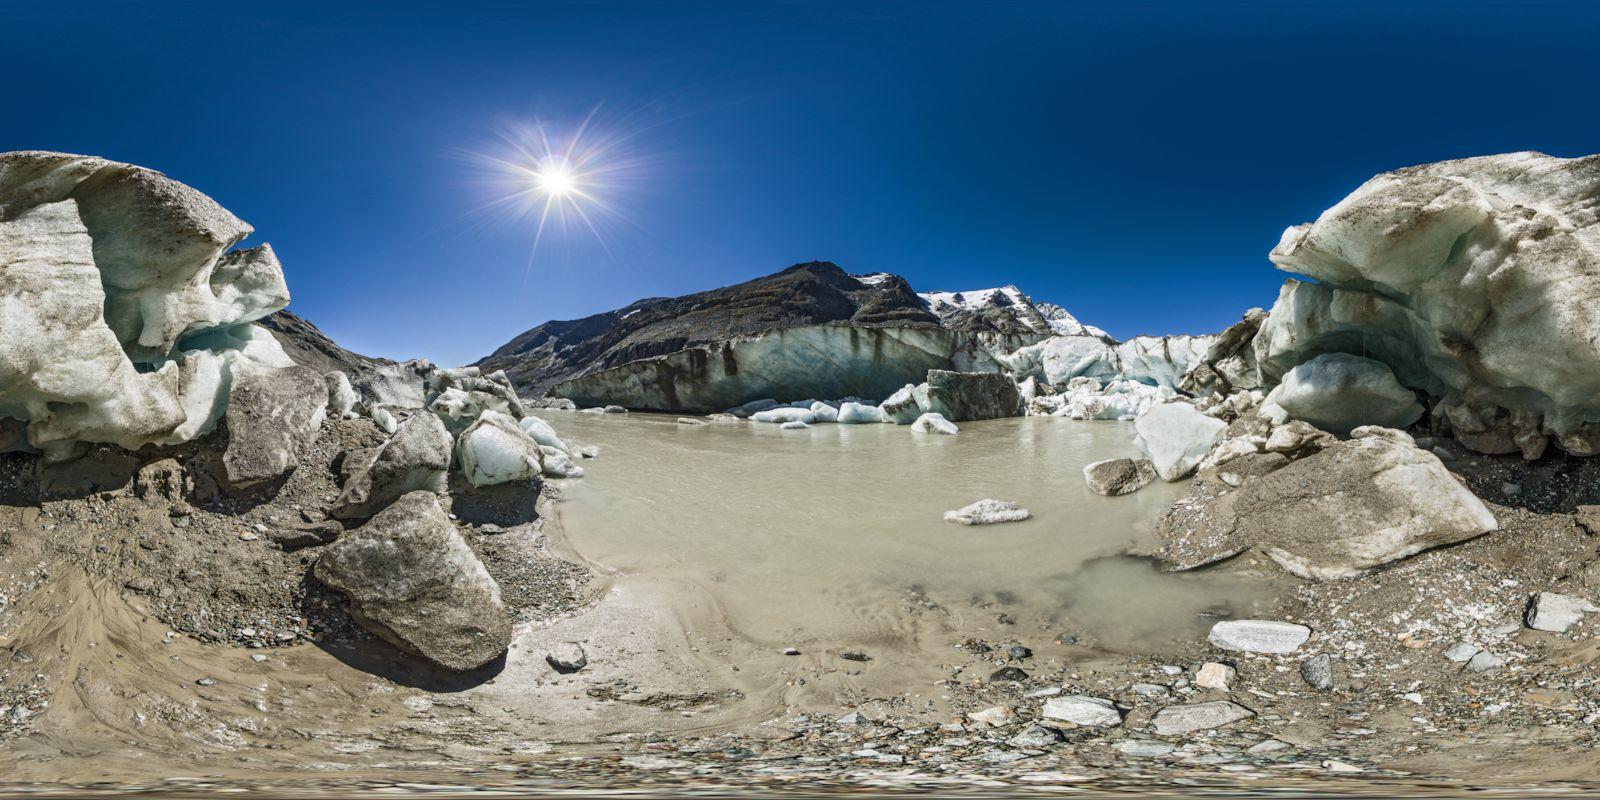 Pasterze Glacier Mouth